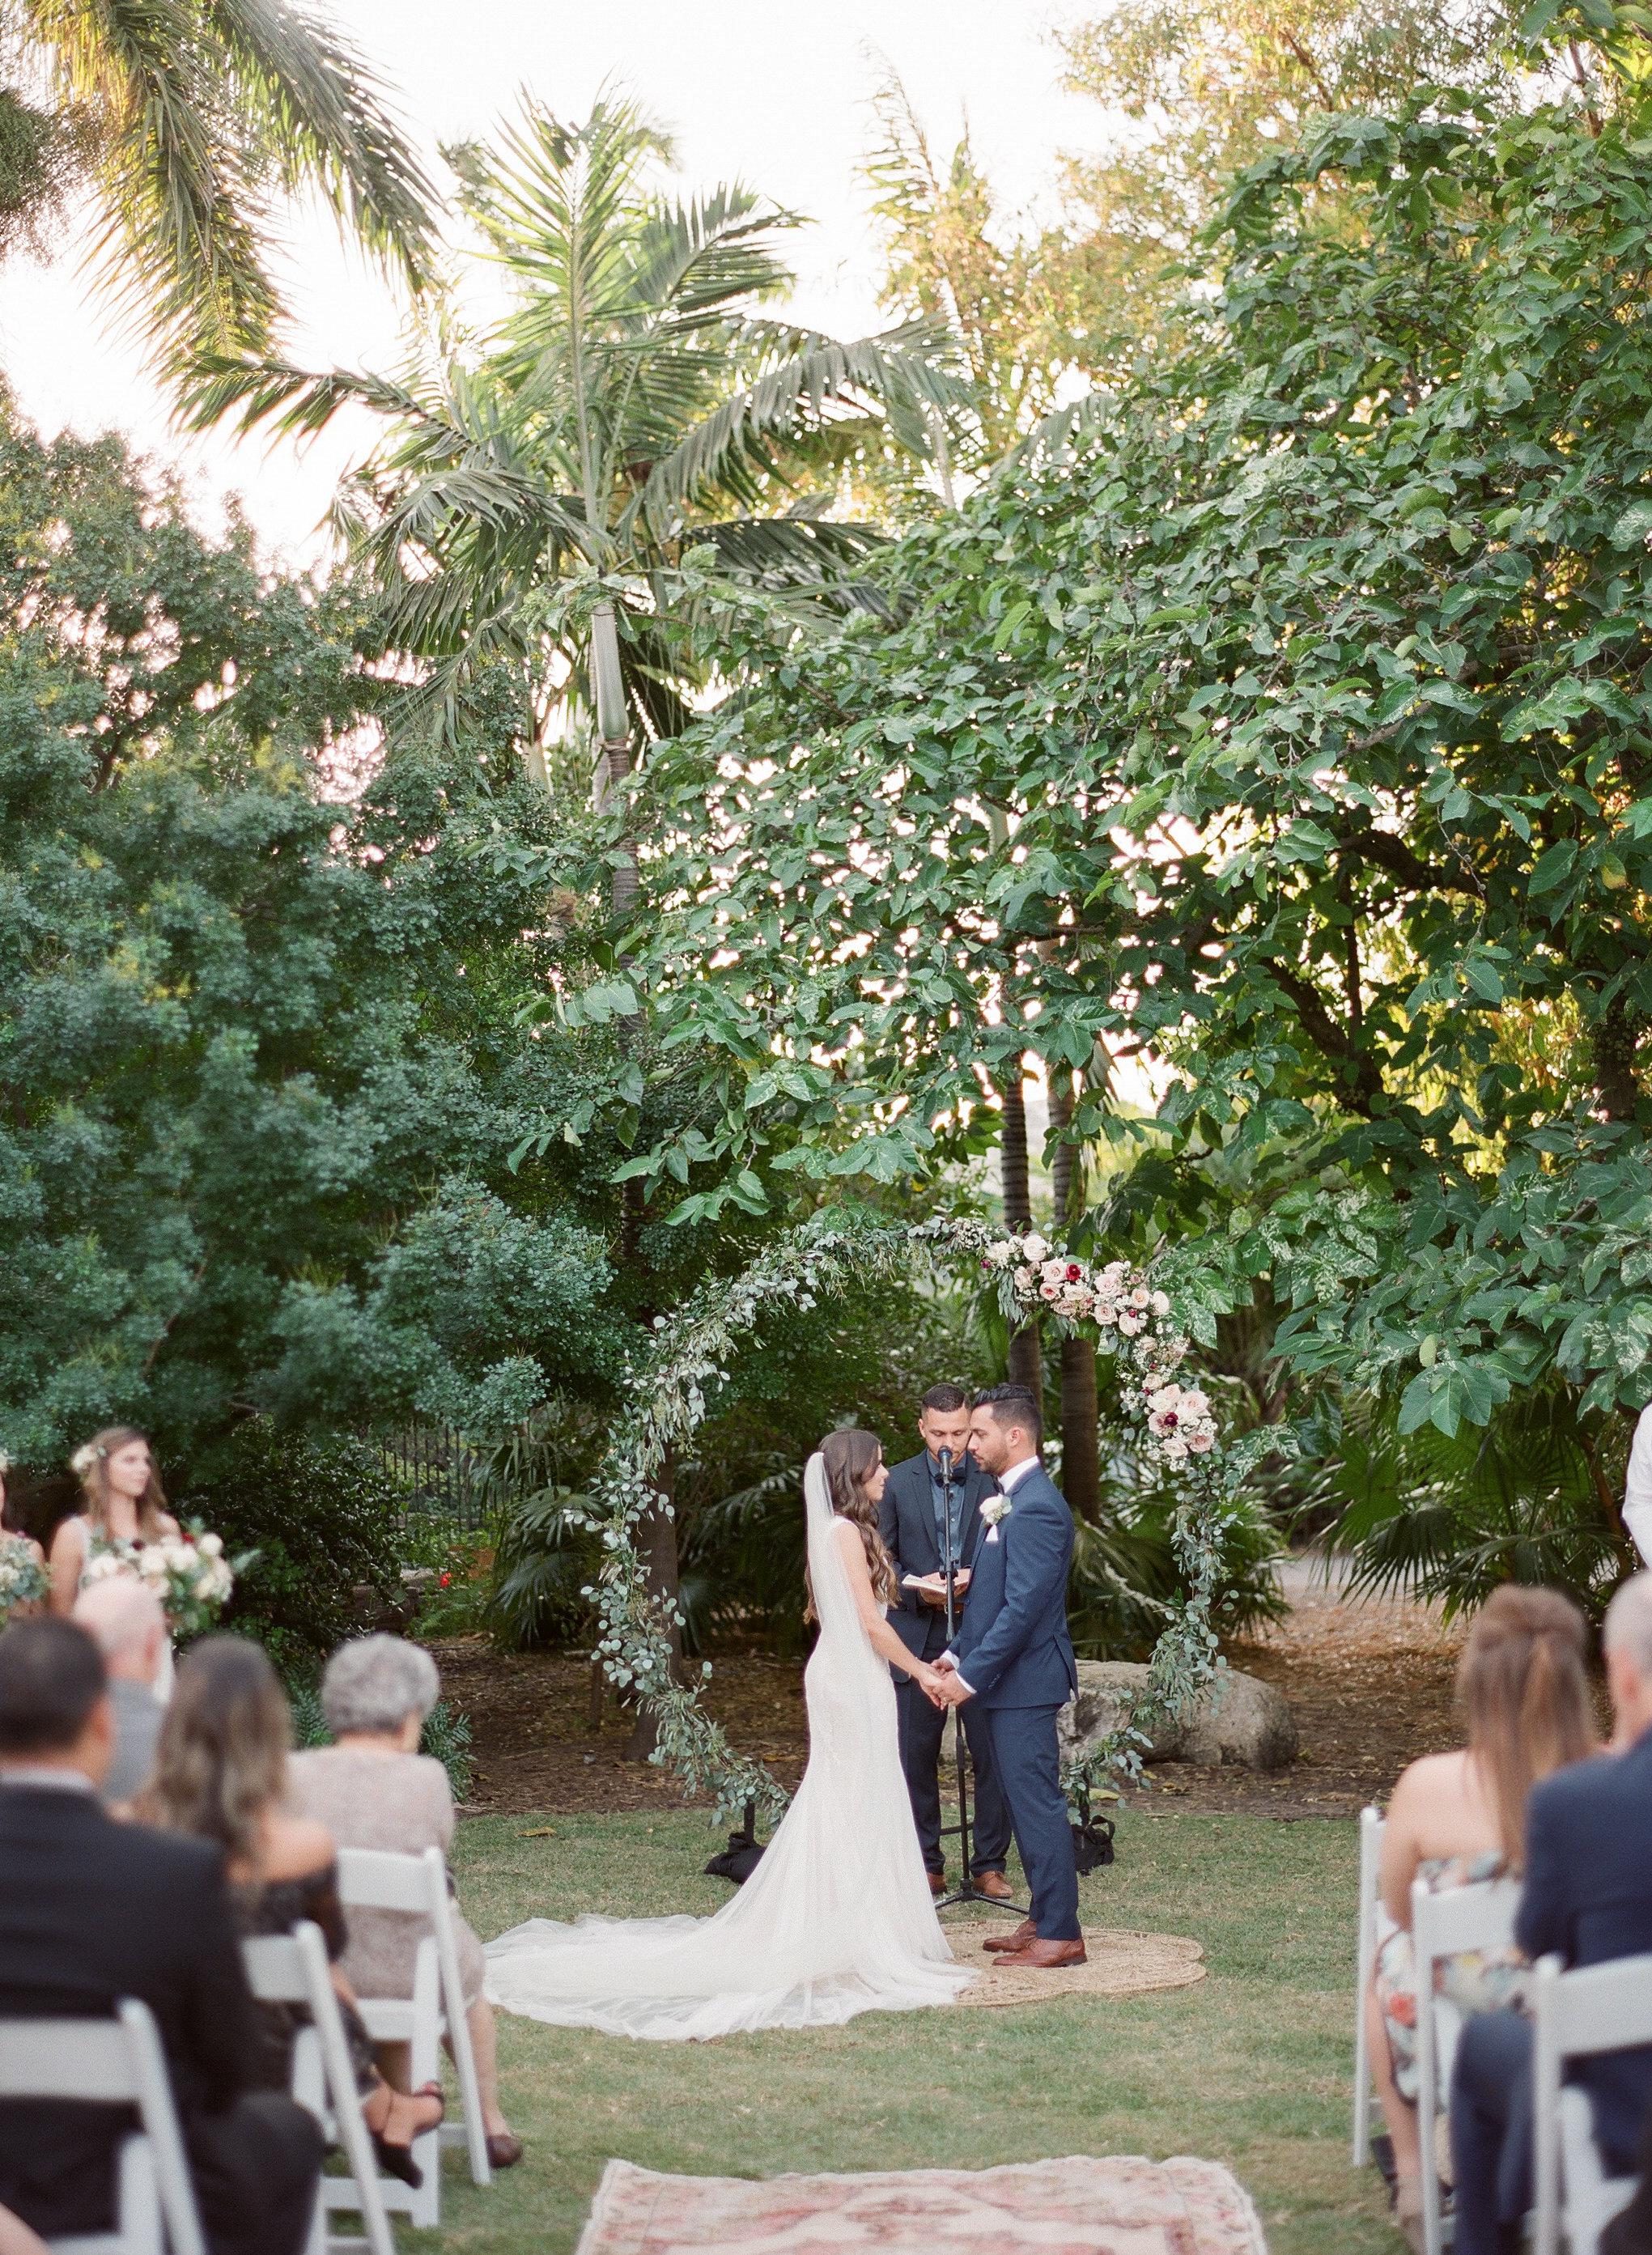 Boho Chic Garden Wedding in Miami Beach Botanical Gardens Florida